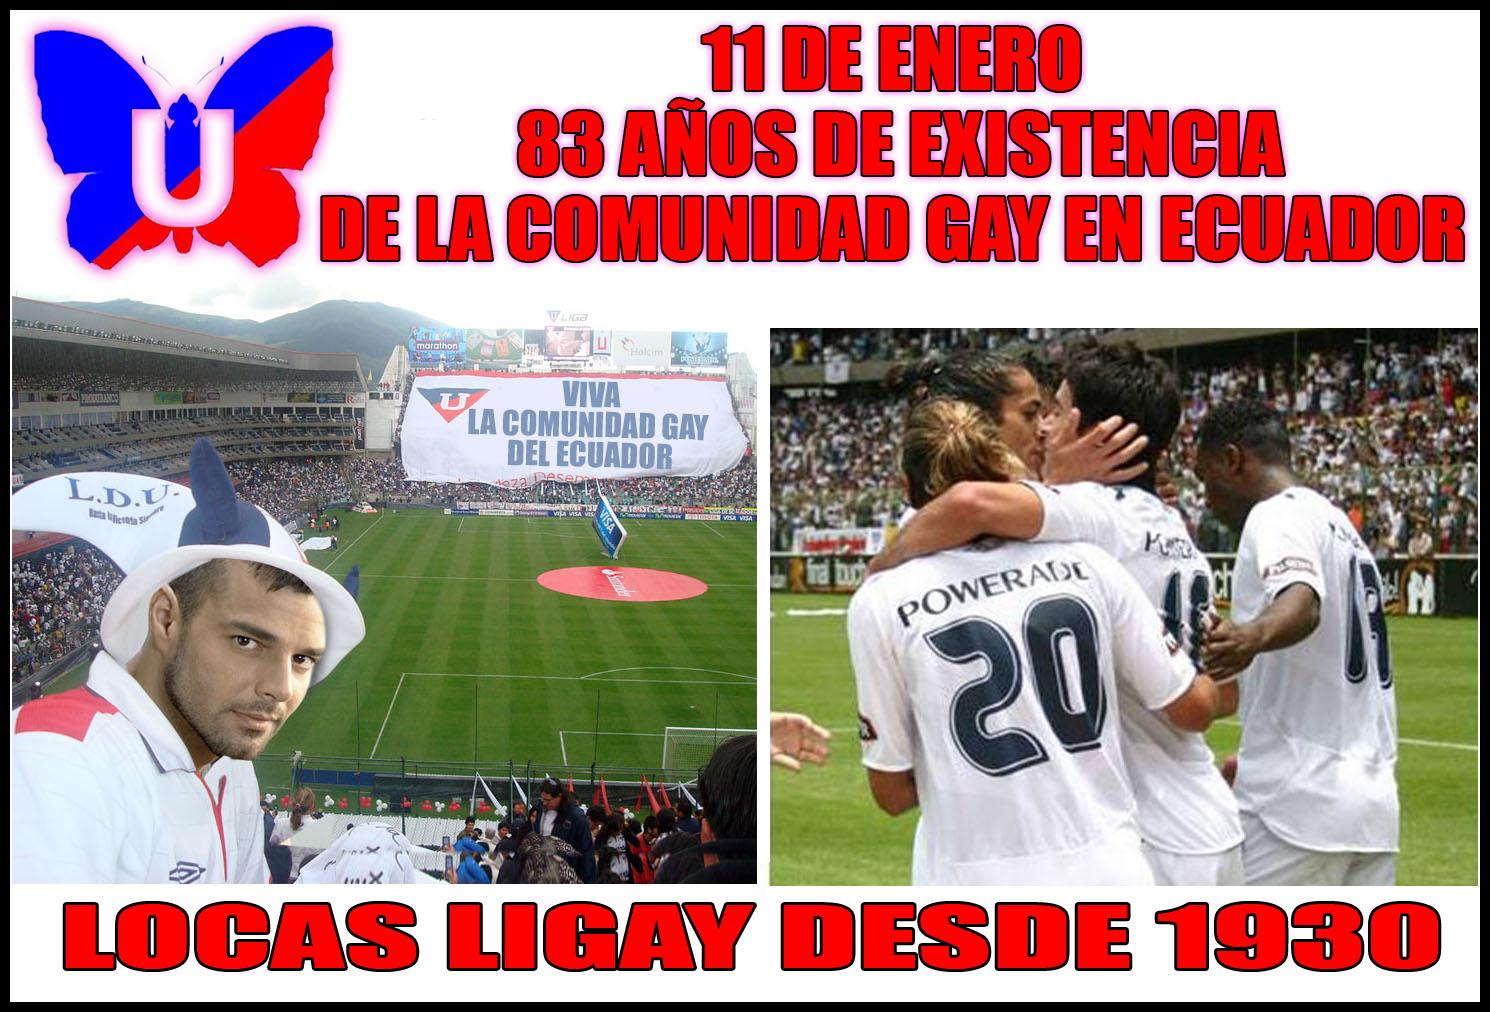 11 DE ENERO 83 AÑOS DE EXISTENCIA DE LA COMUNIDAD GAY EN ECUADOR ...